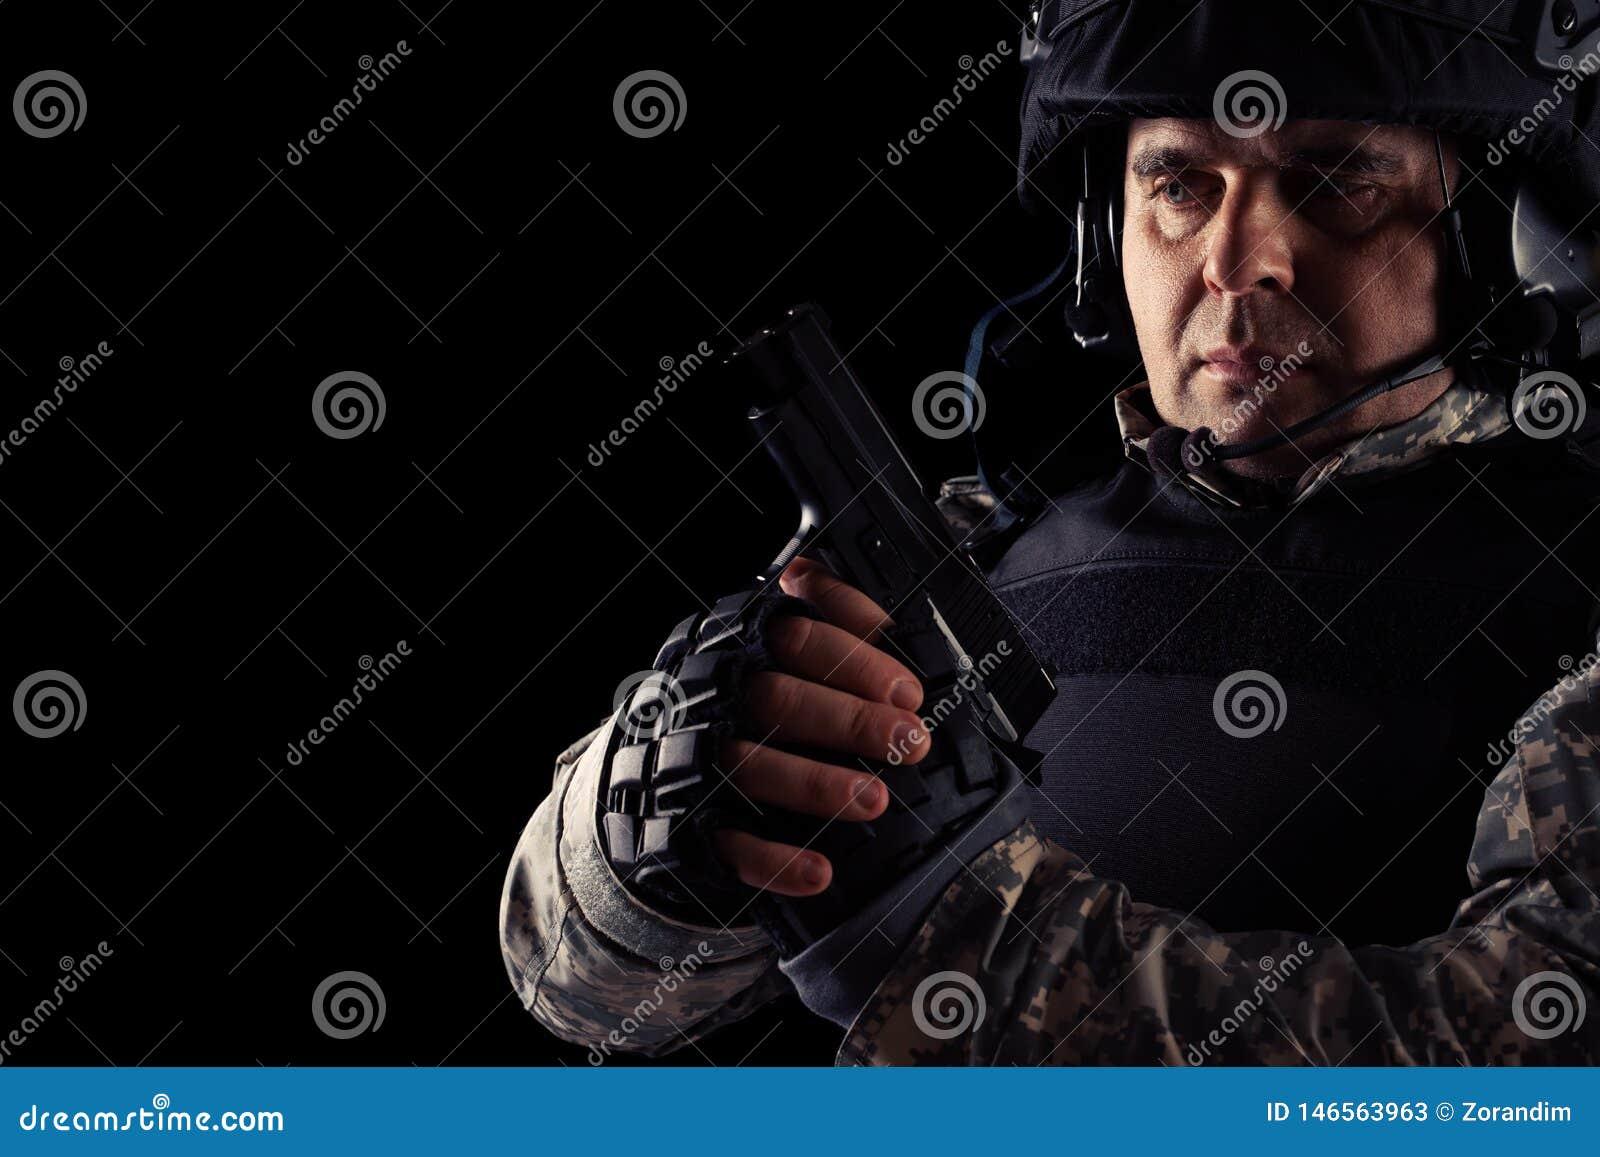 Soldat visant avec le pistolet noir image sur un fond fonc?